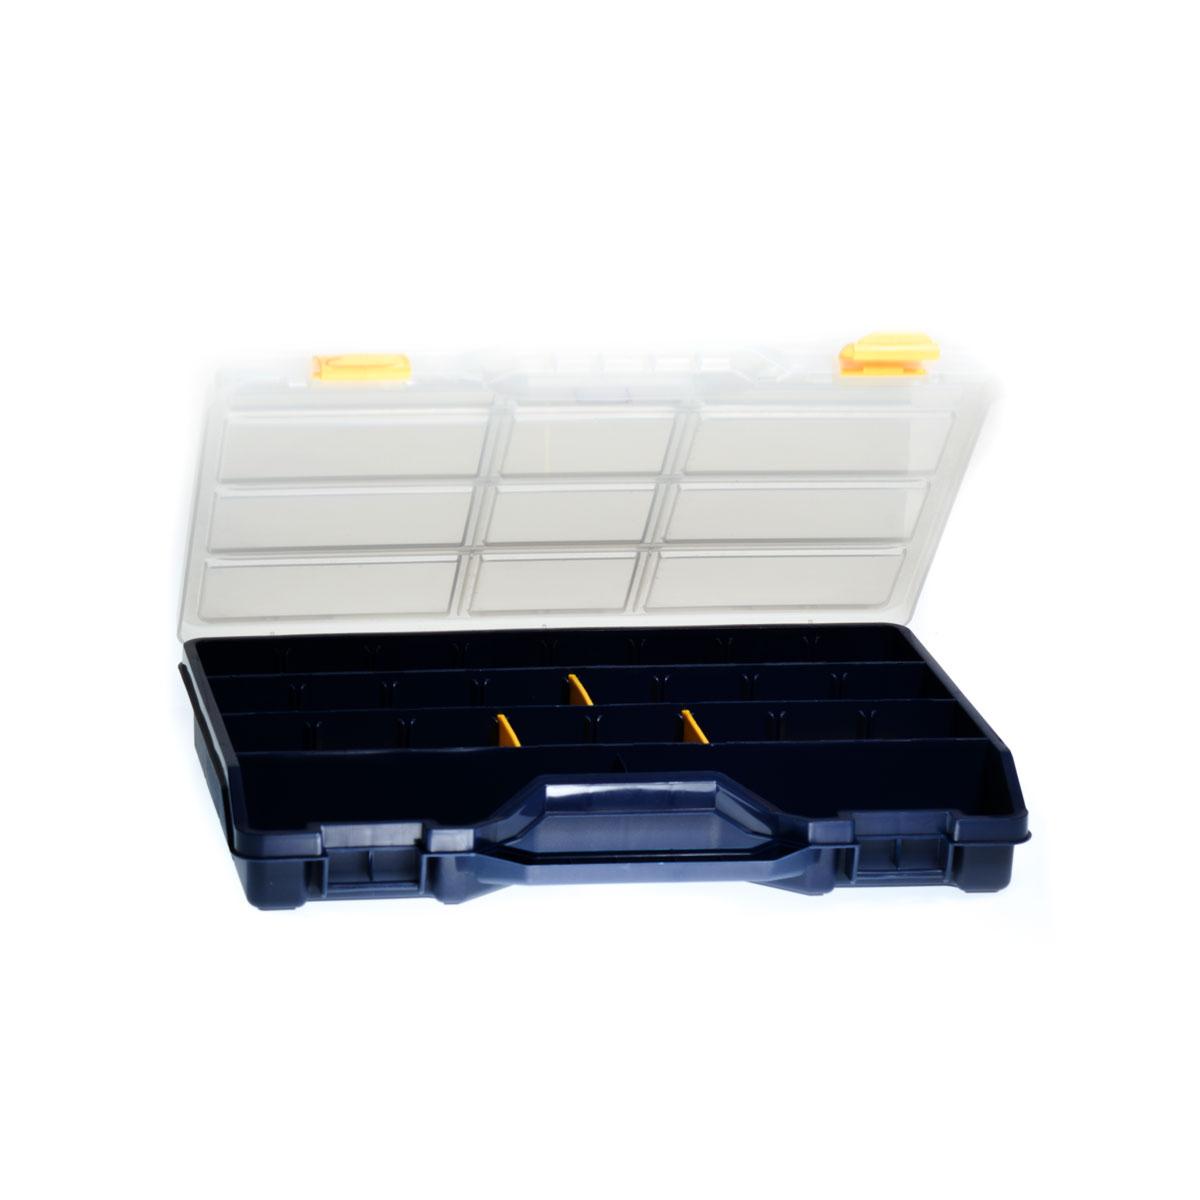 جعبه ابزار الکتریکی تایگ مدل۲۶-۴۶ (۱)